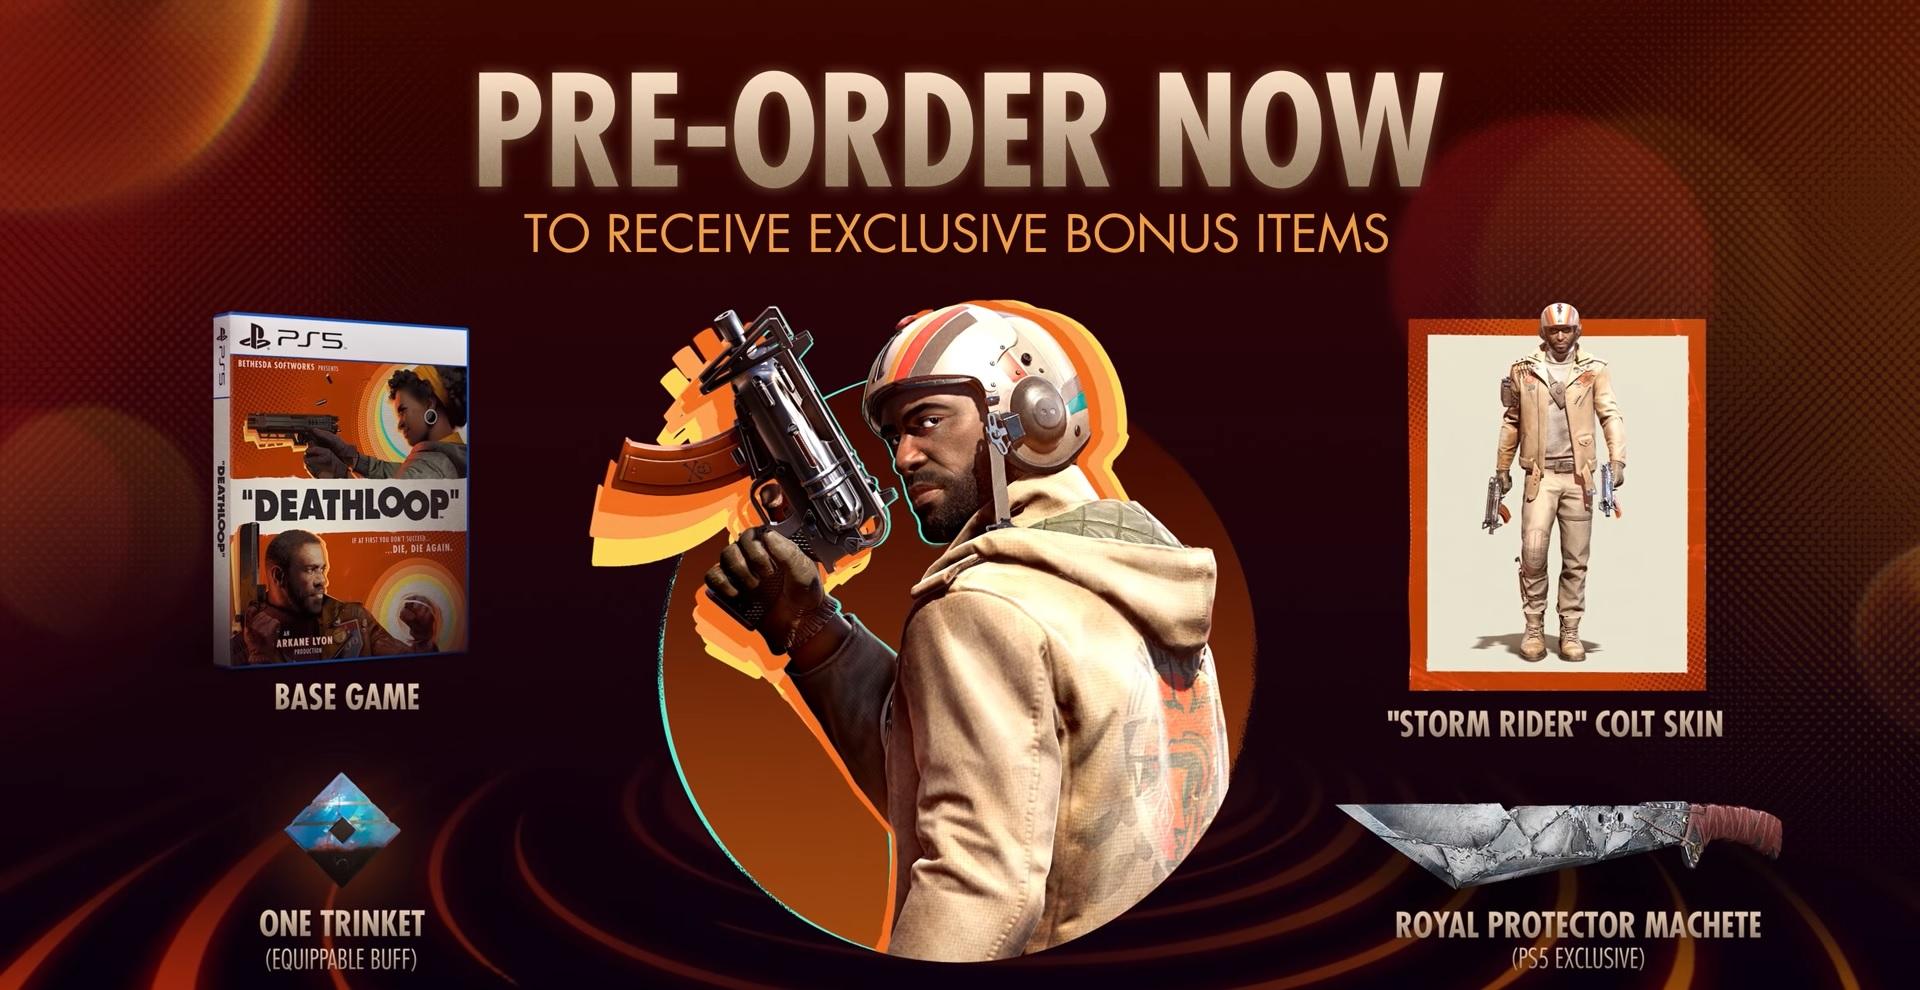 Nový trailer představuje předobjednávkové bonusy pro Deathloop Bonusy 1